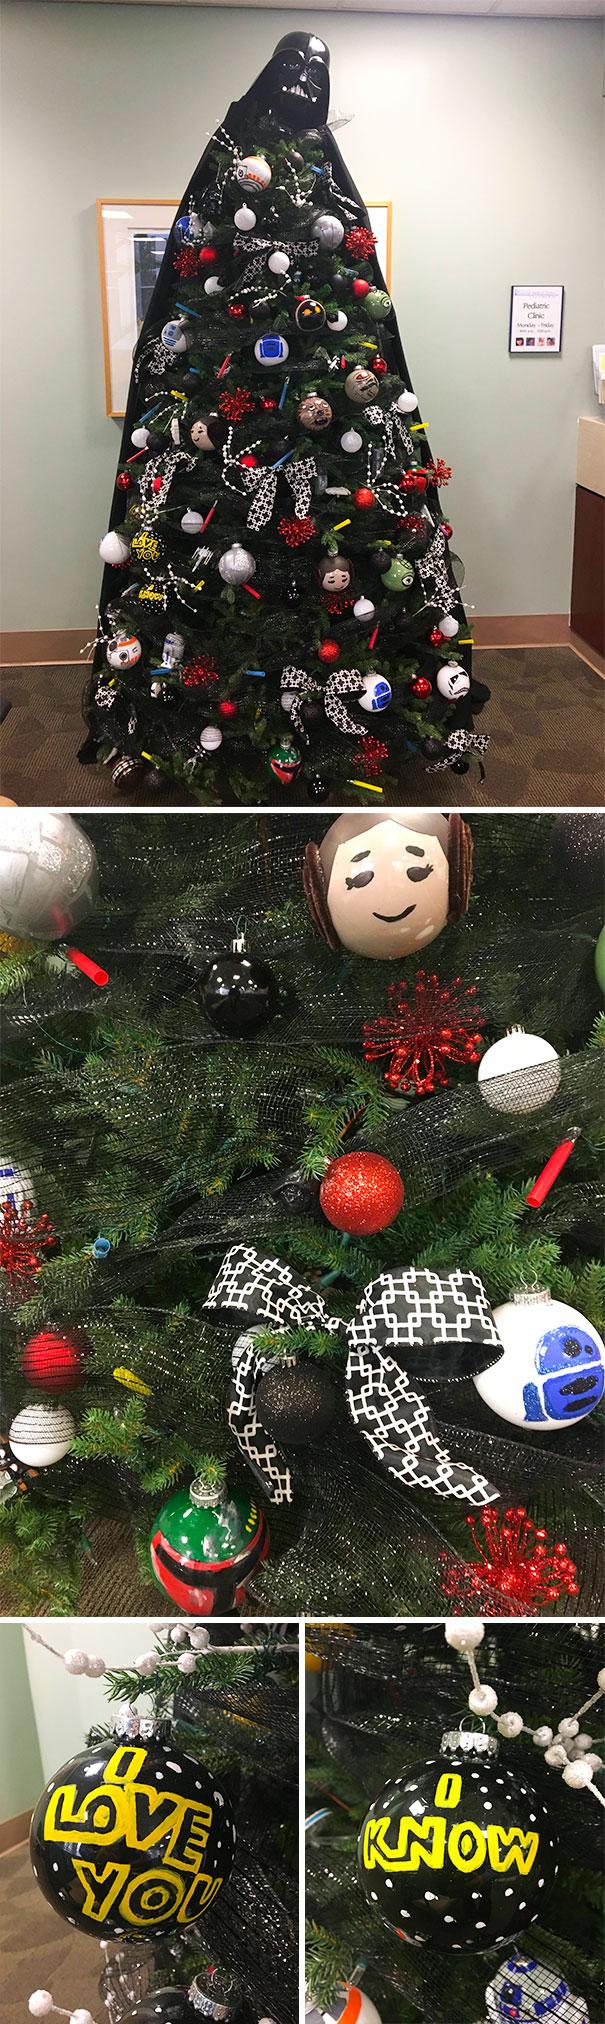 25 personas que ganaron la navidad con sus arboles tan creativos 1547122702